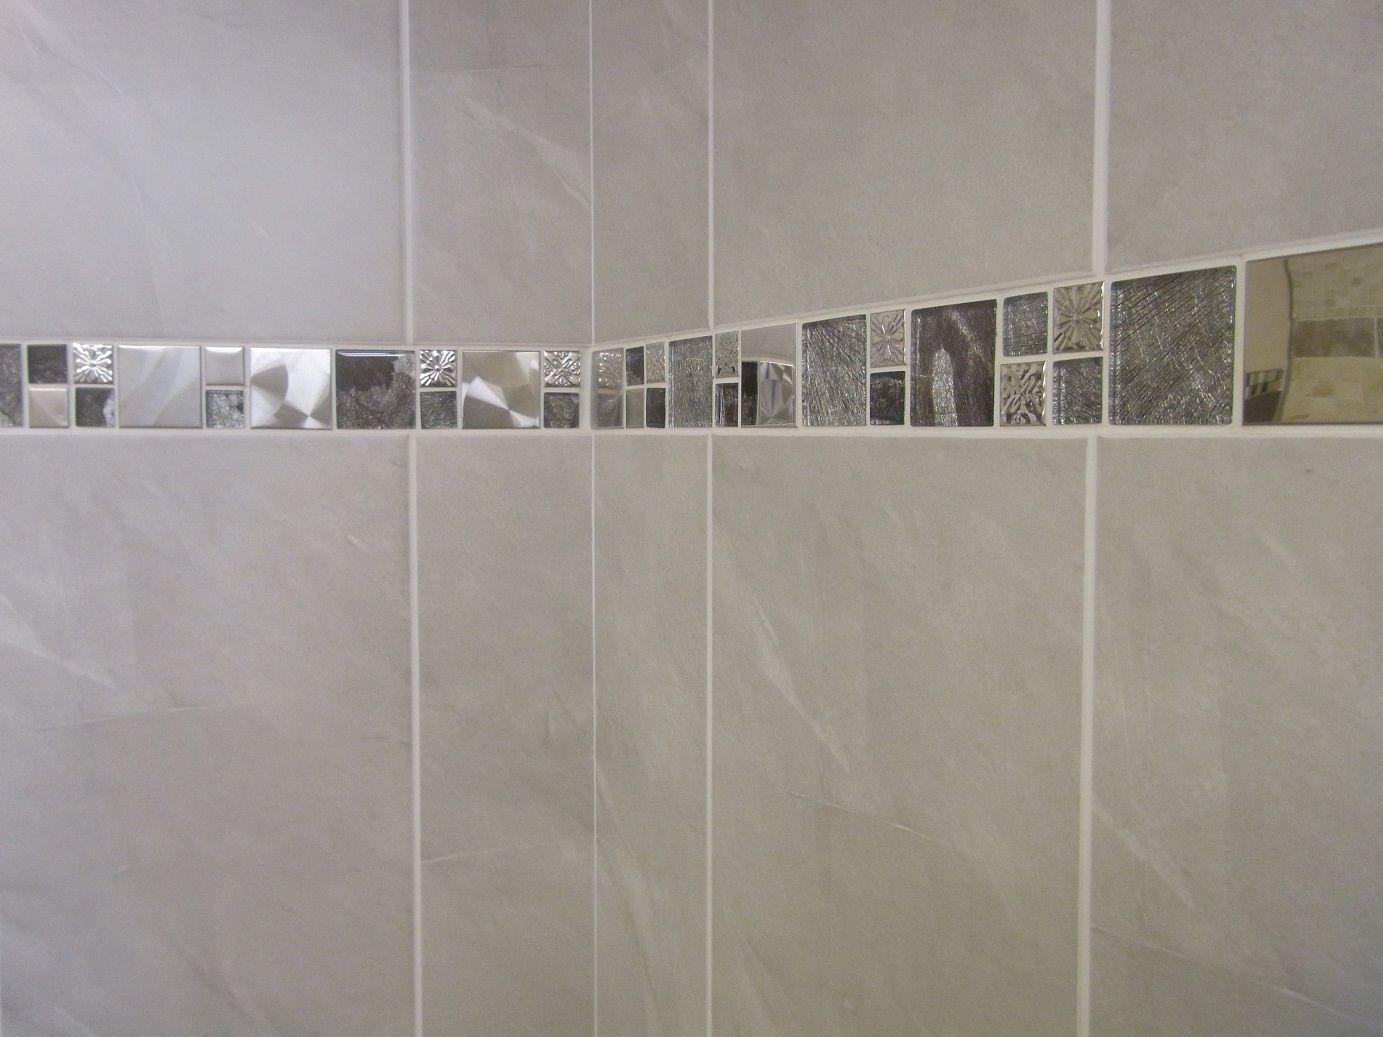 Ikea Showroom Bathroom Bathroom Sink Ikea Bathroom Images with